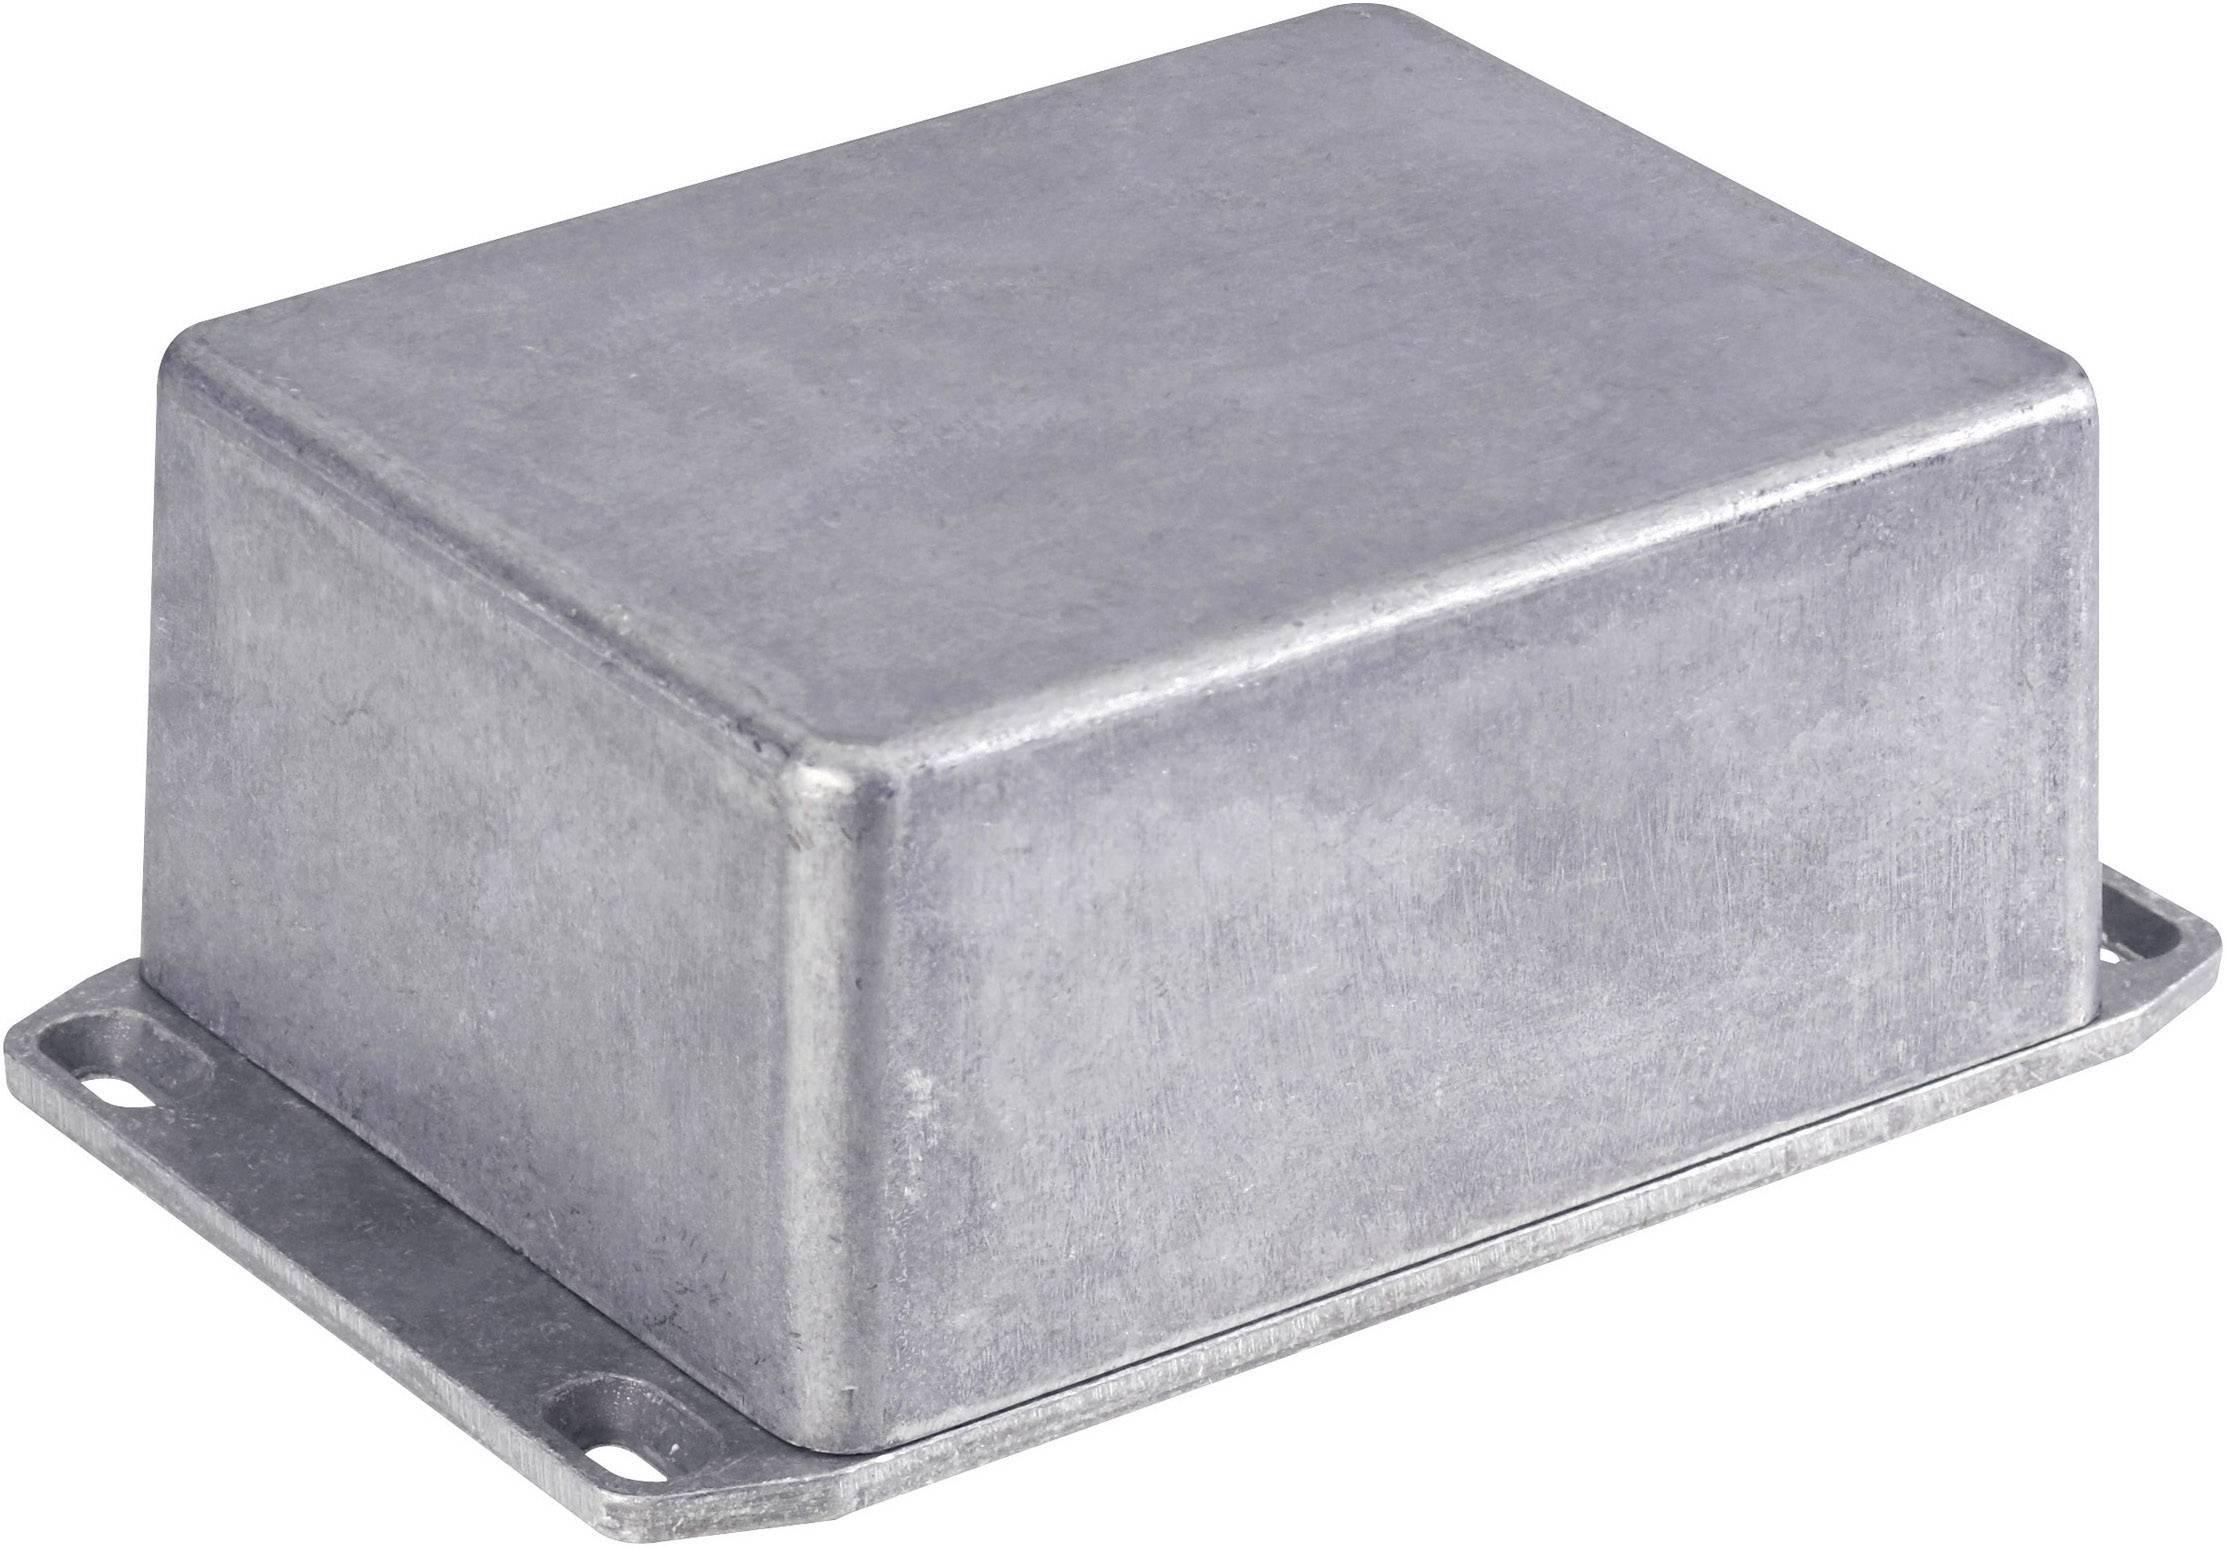 Tlakem lité hliníkové pouzdro Hammond Electronics 1590WBBSFLBK, (d x š x v) 120 x 94 x 42 mm, černá